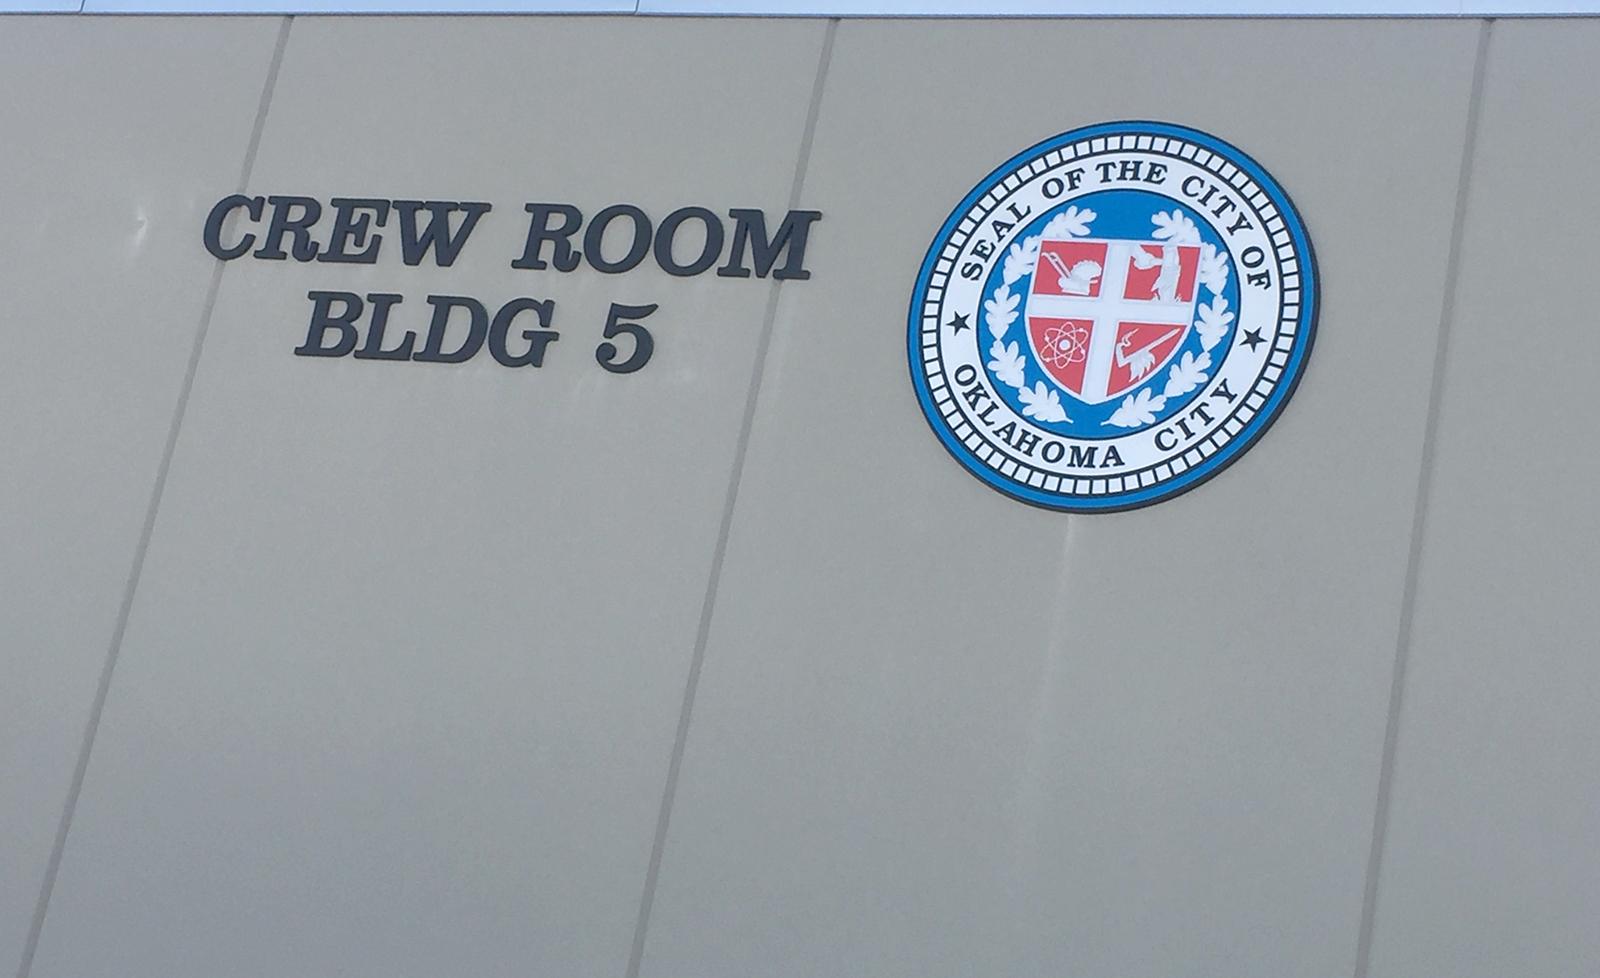 misc - OKC crew room